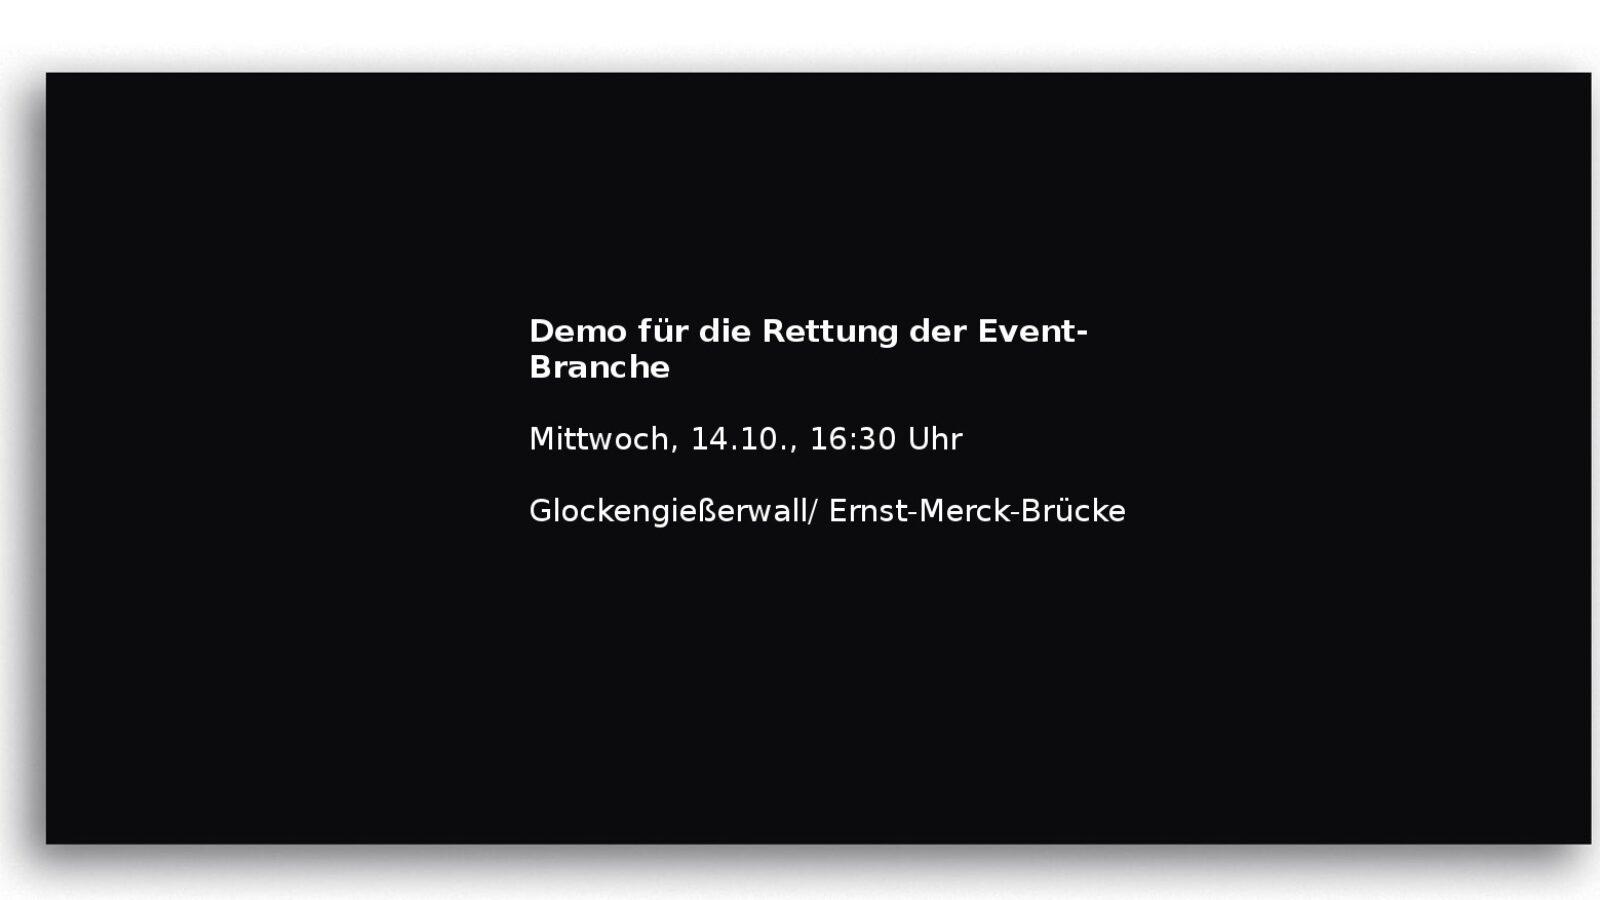 DEMO: Das Ende der Event-Branche?